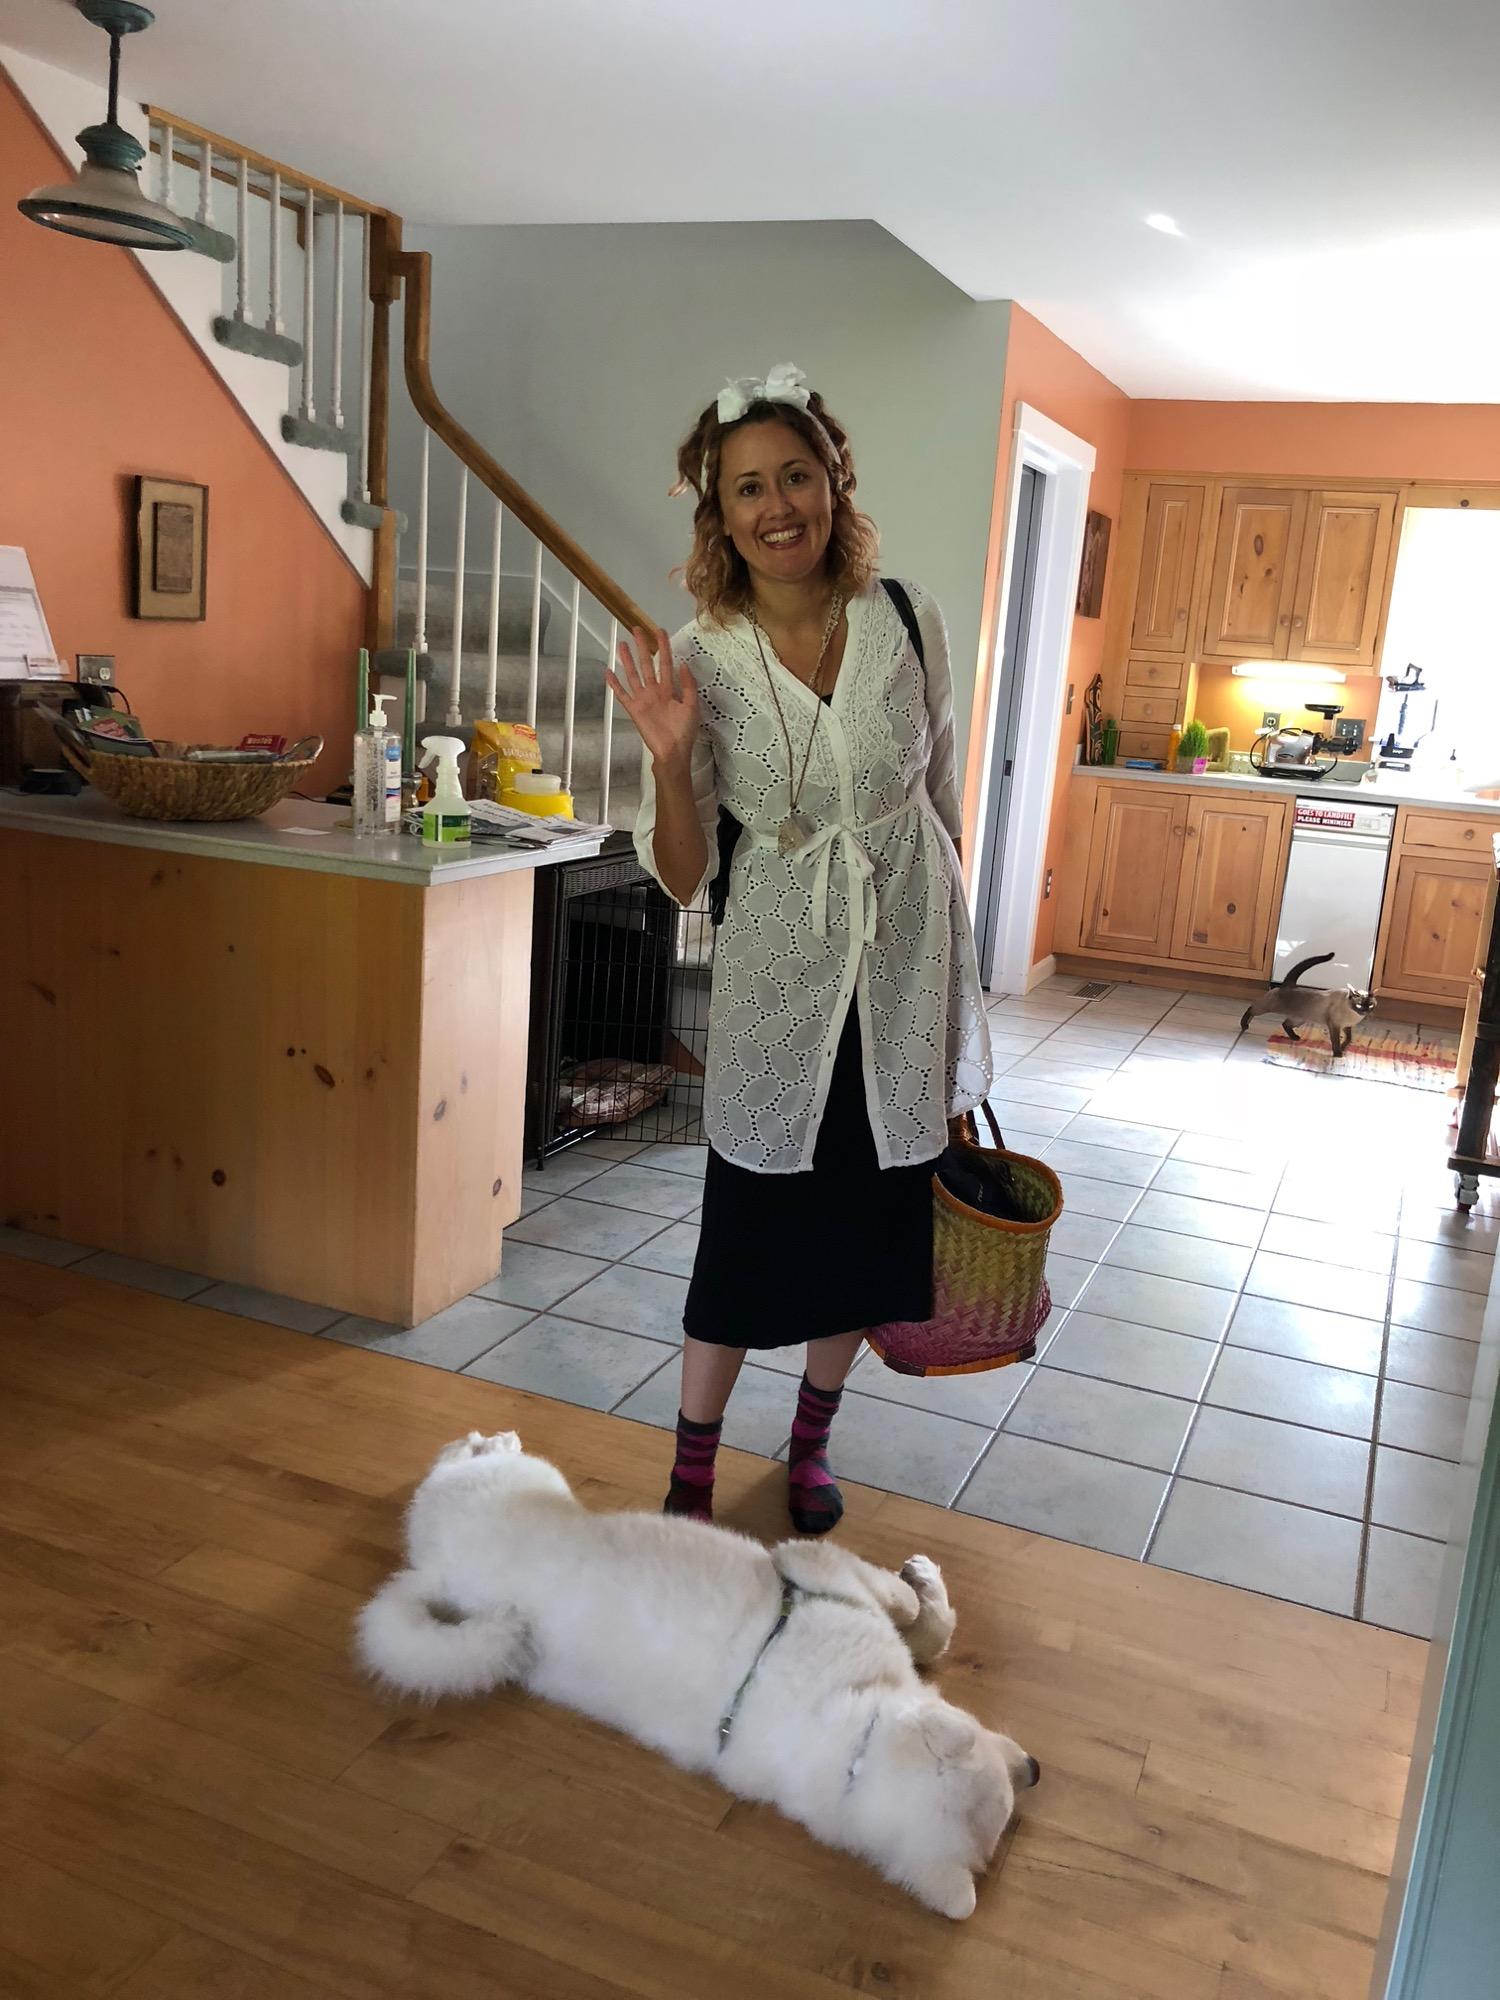 kitchen-w-dog-n-cat.jpg